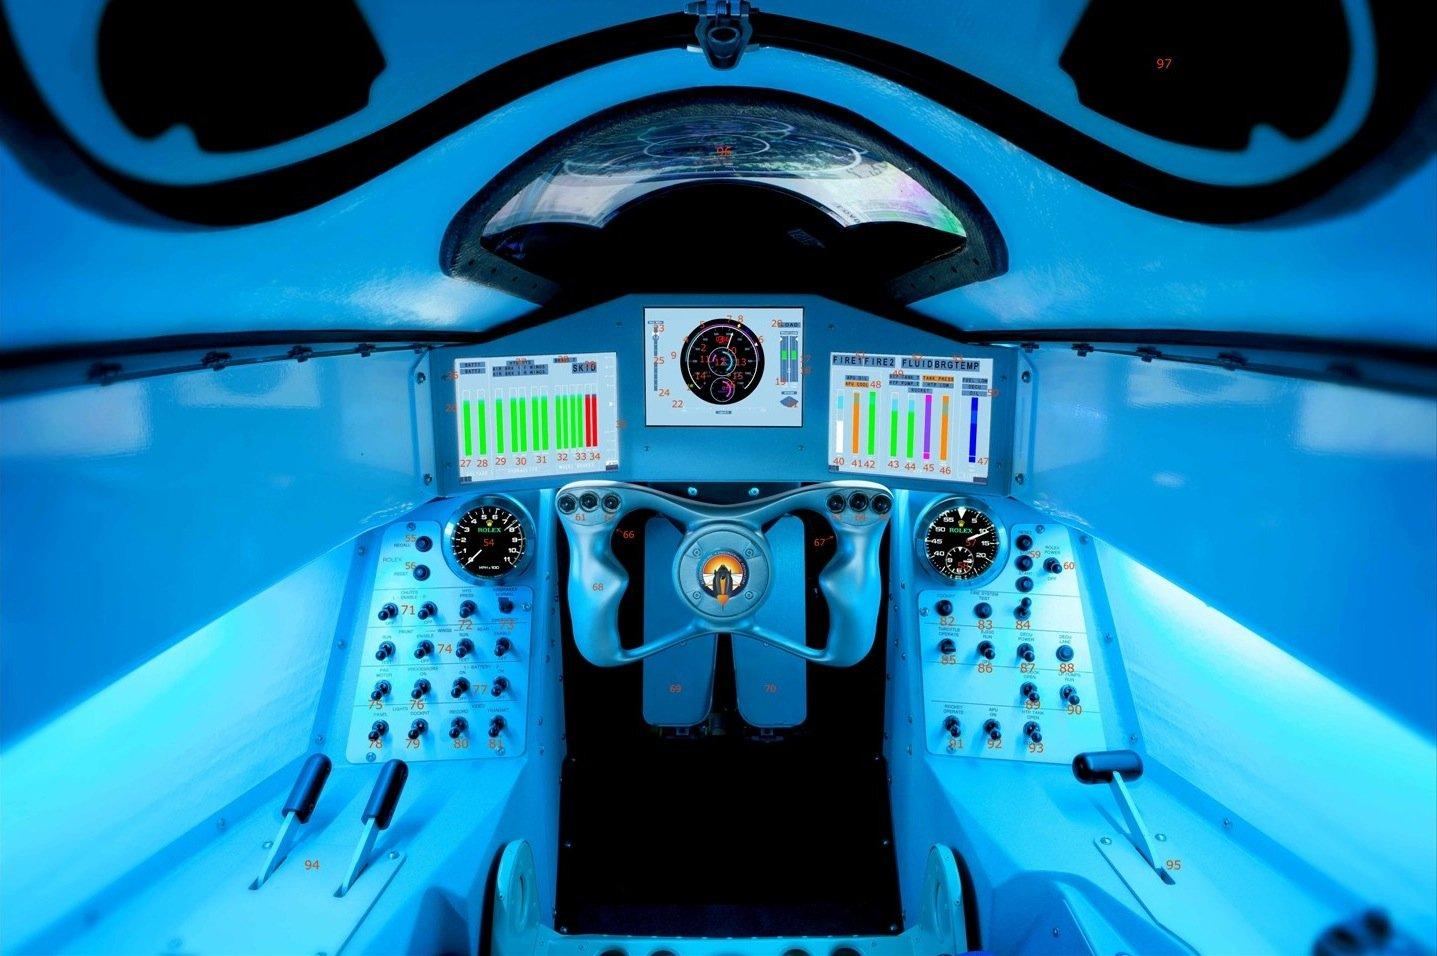 In dieses Cockpit des Bloodhound will der britische Air-Force-PilotAndy Green einsteigen.